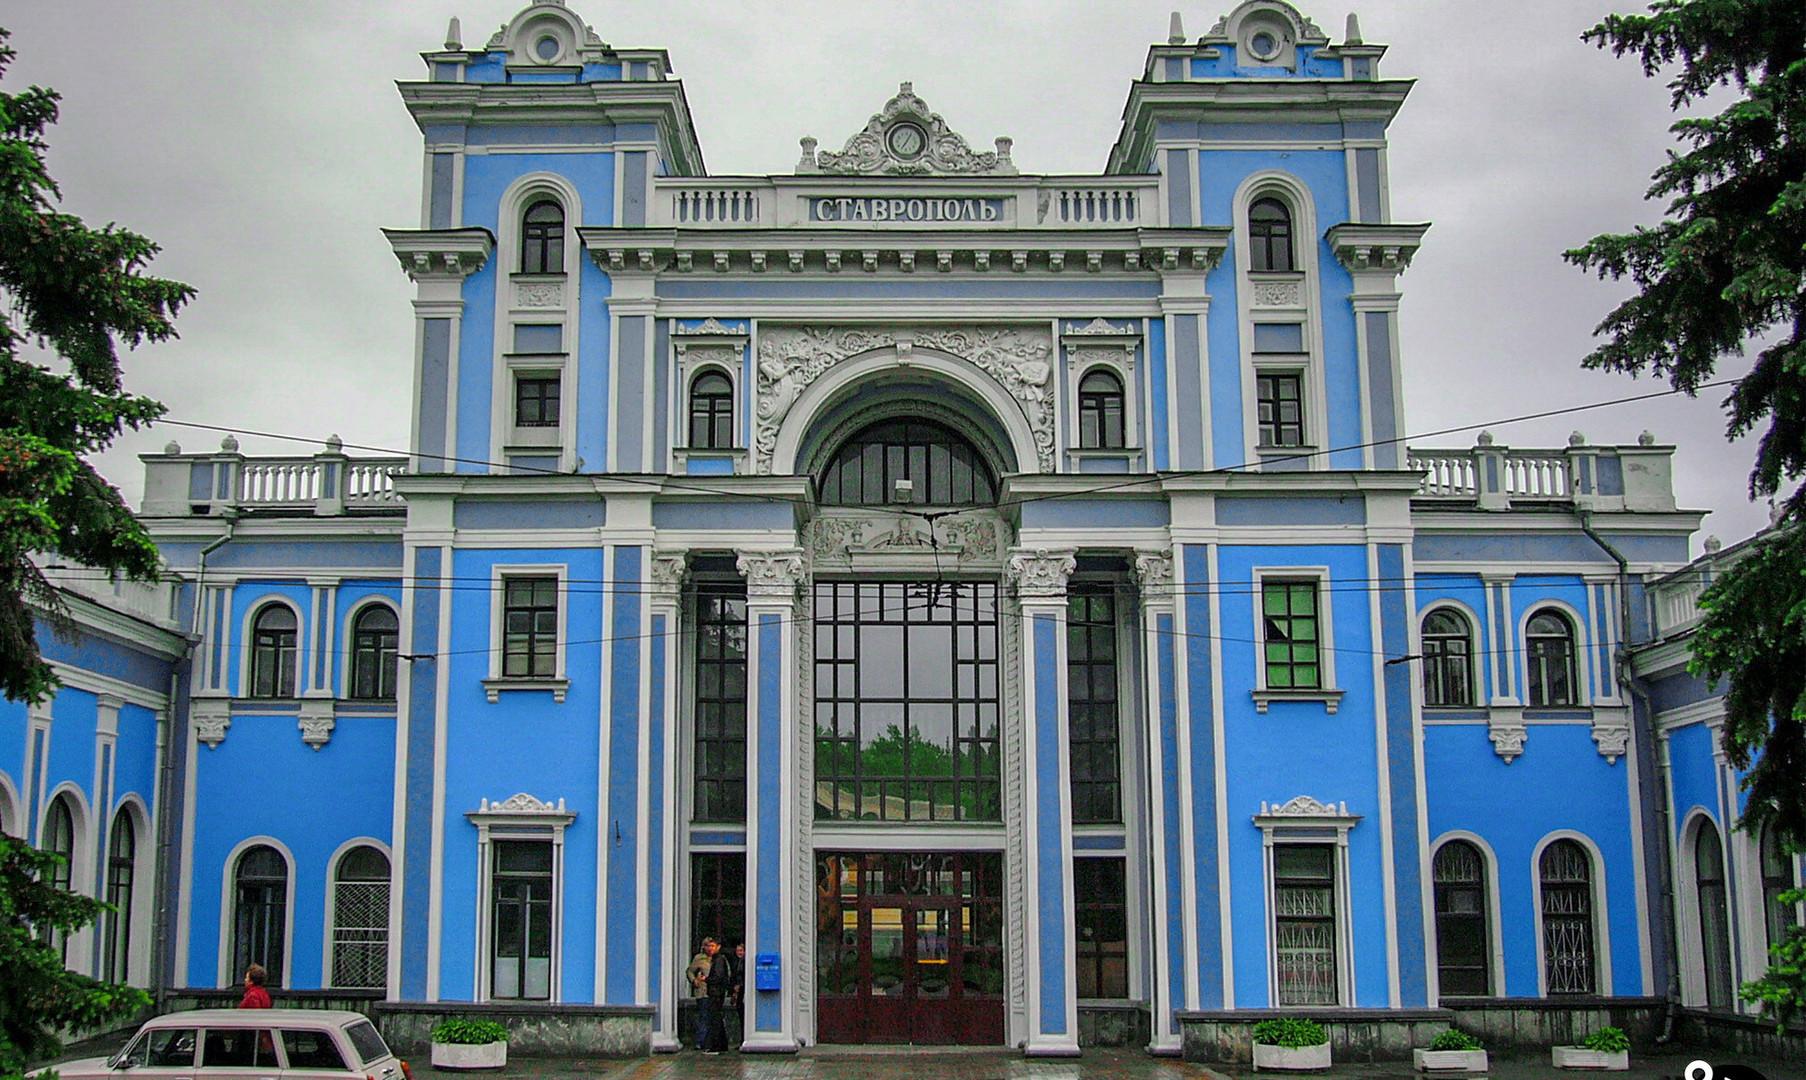 Ж/д вокзал Ставрополя